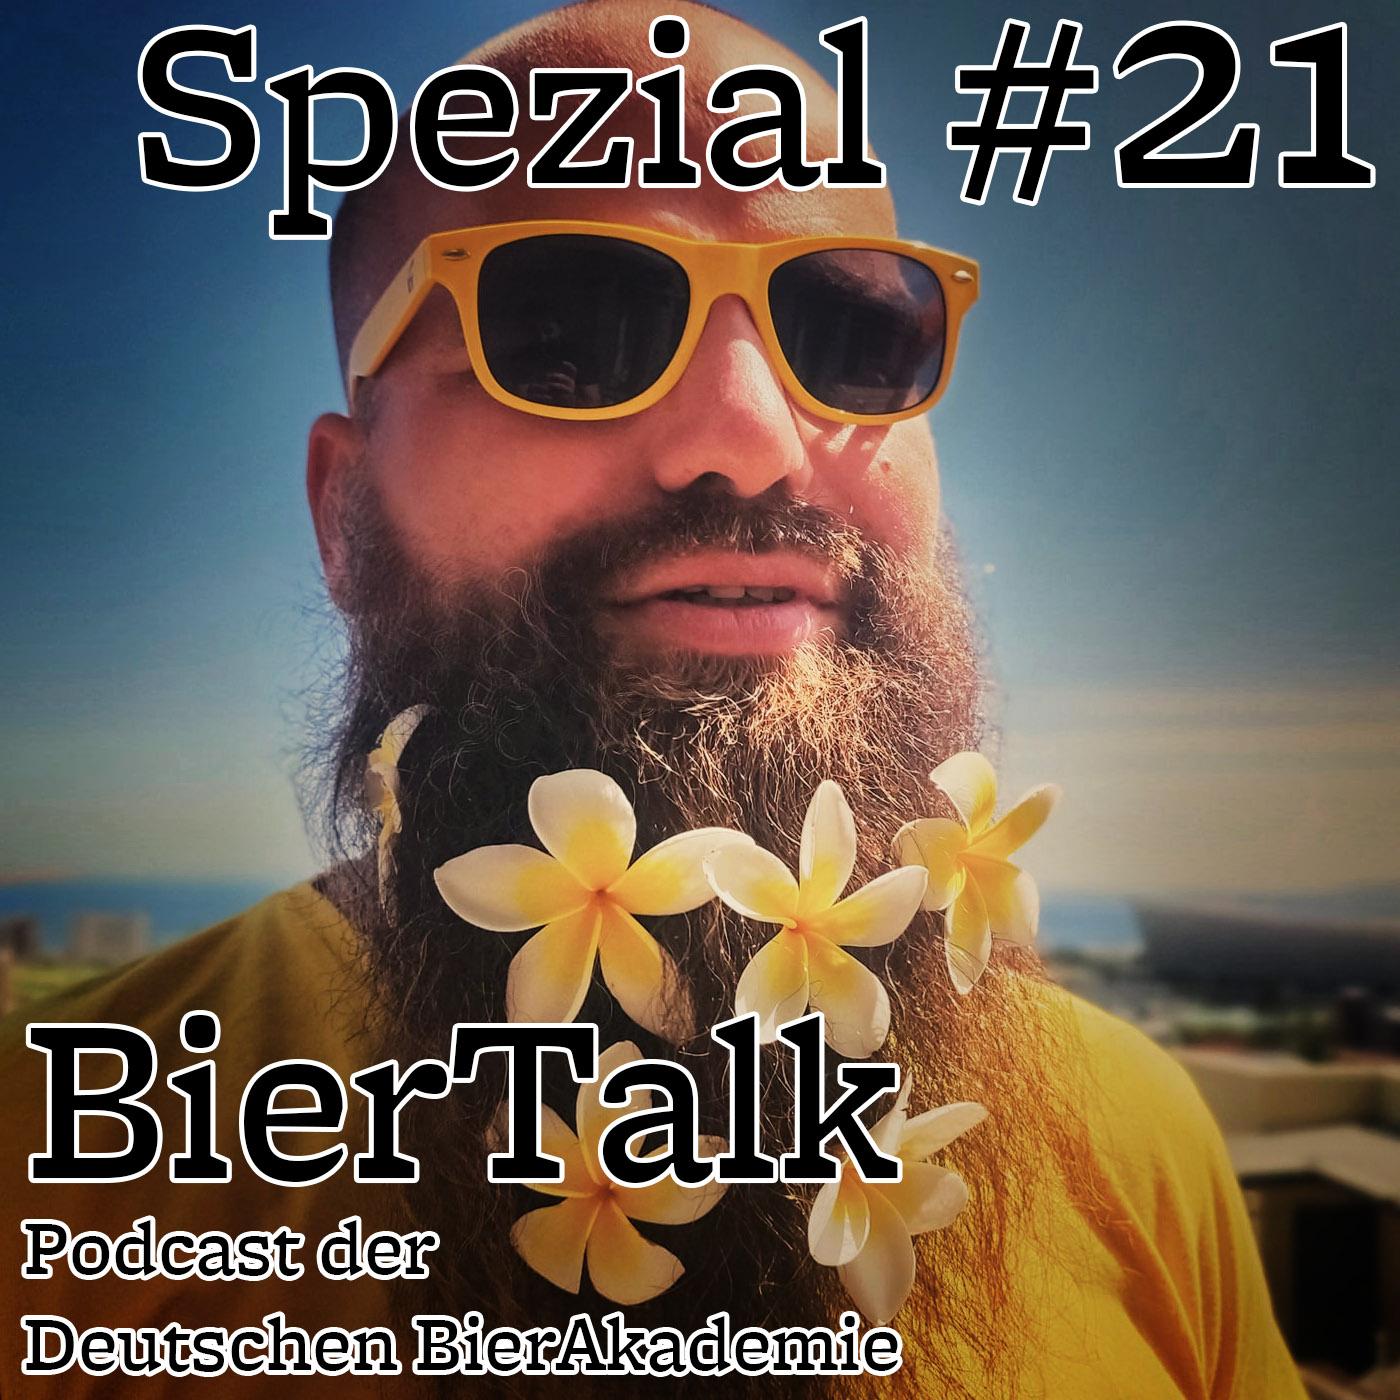 BierTalk Podcast Cover mit Randolf Jorberg mit gelben Blumen im Bart